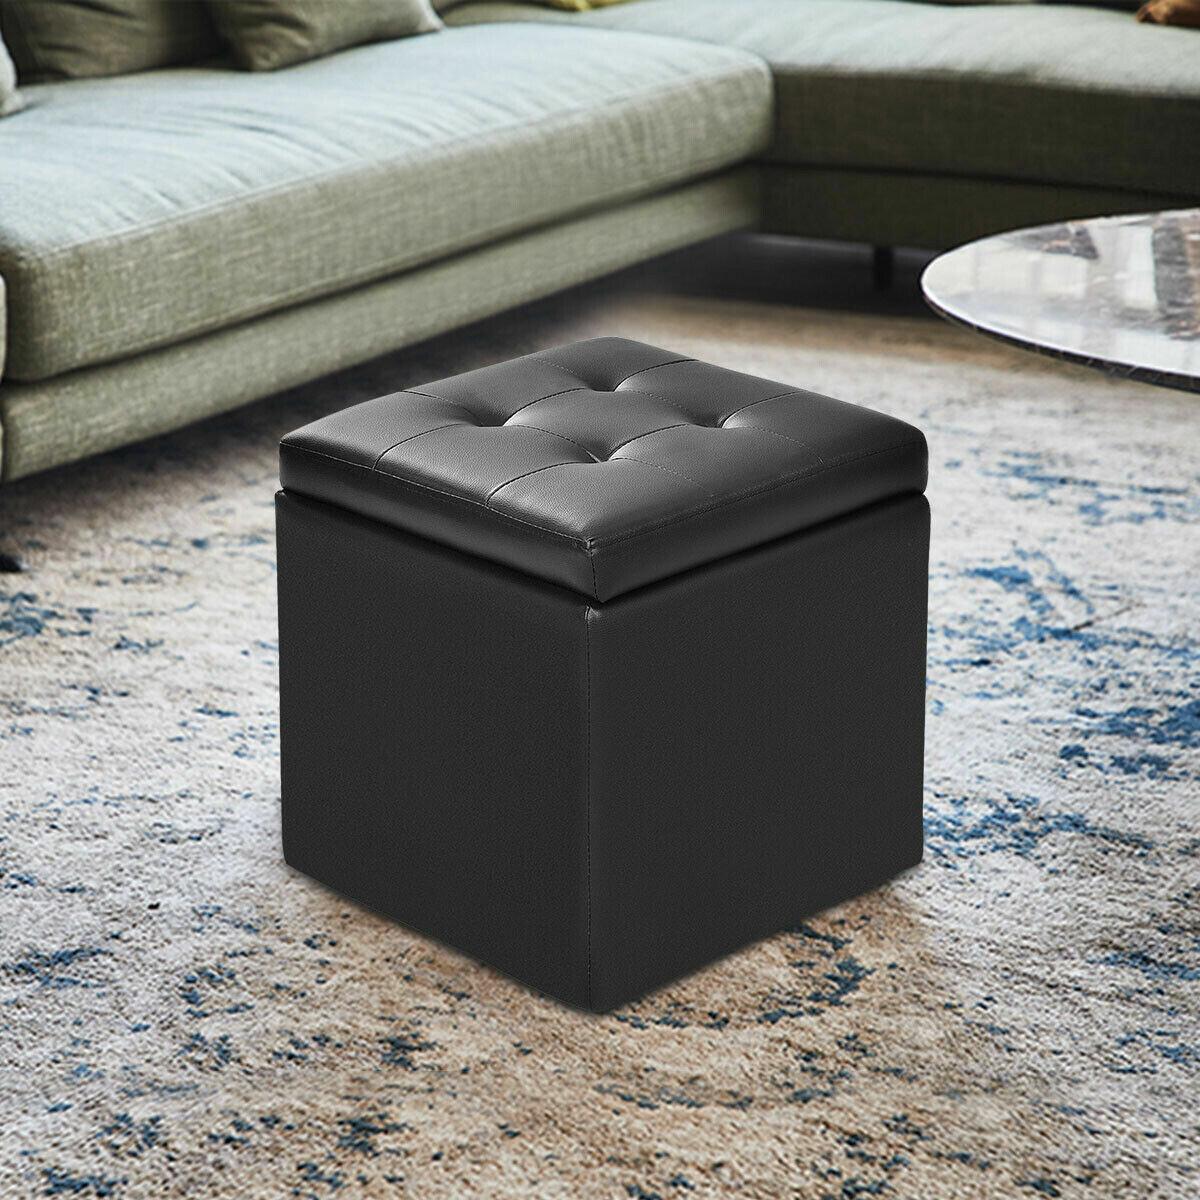 Superb Haugh Storage Ottoman Machost Co Dining Chair Design Ideas Machostcouk